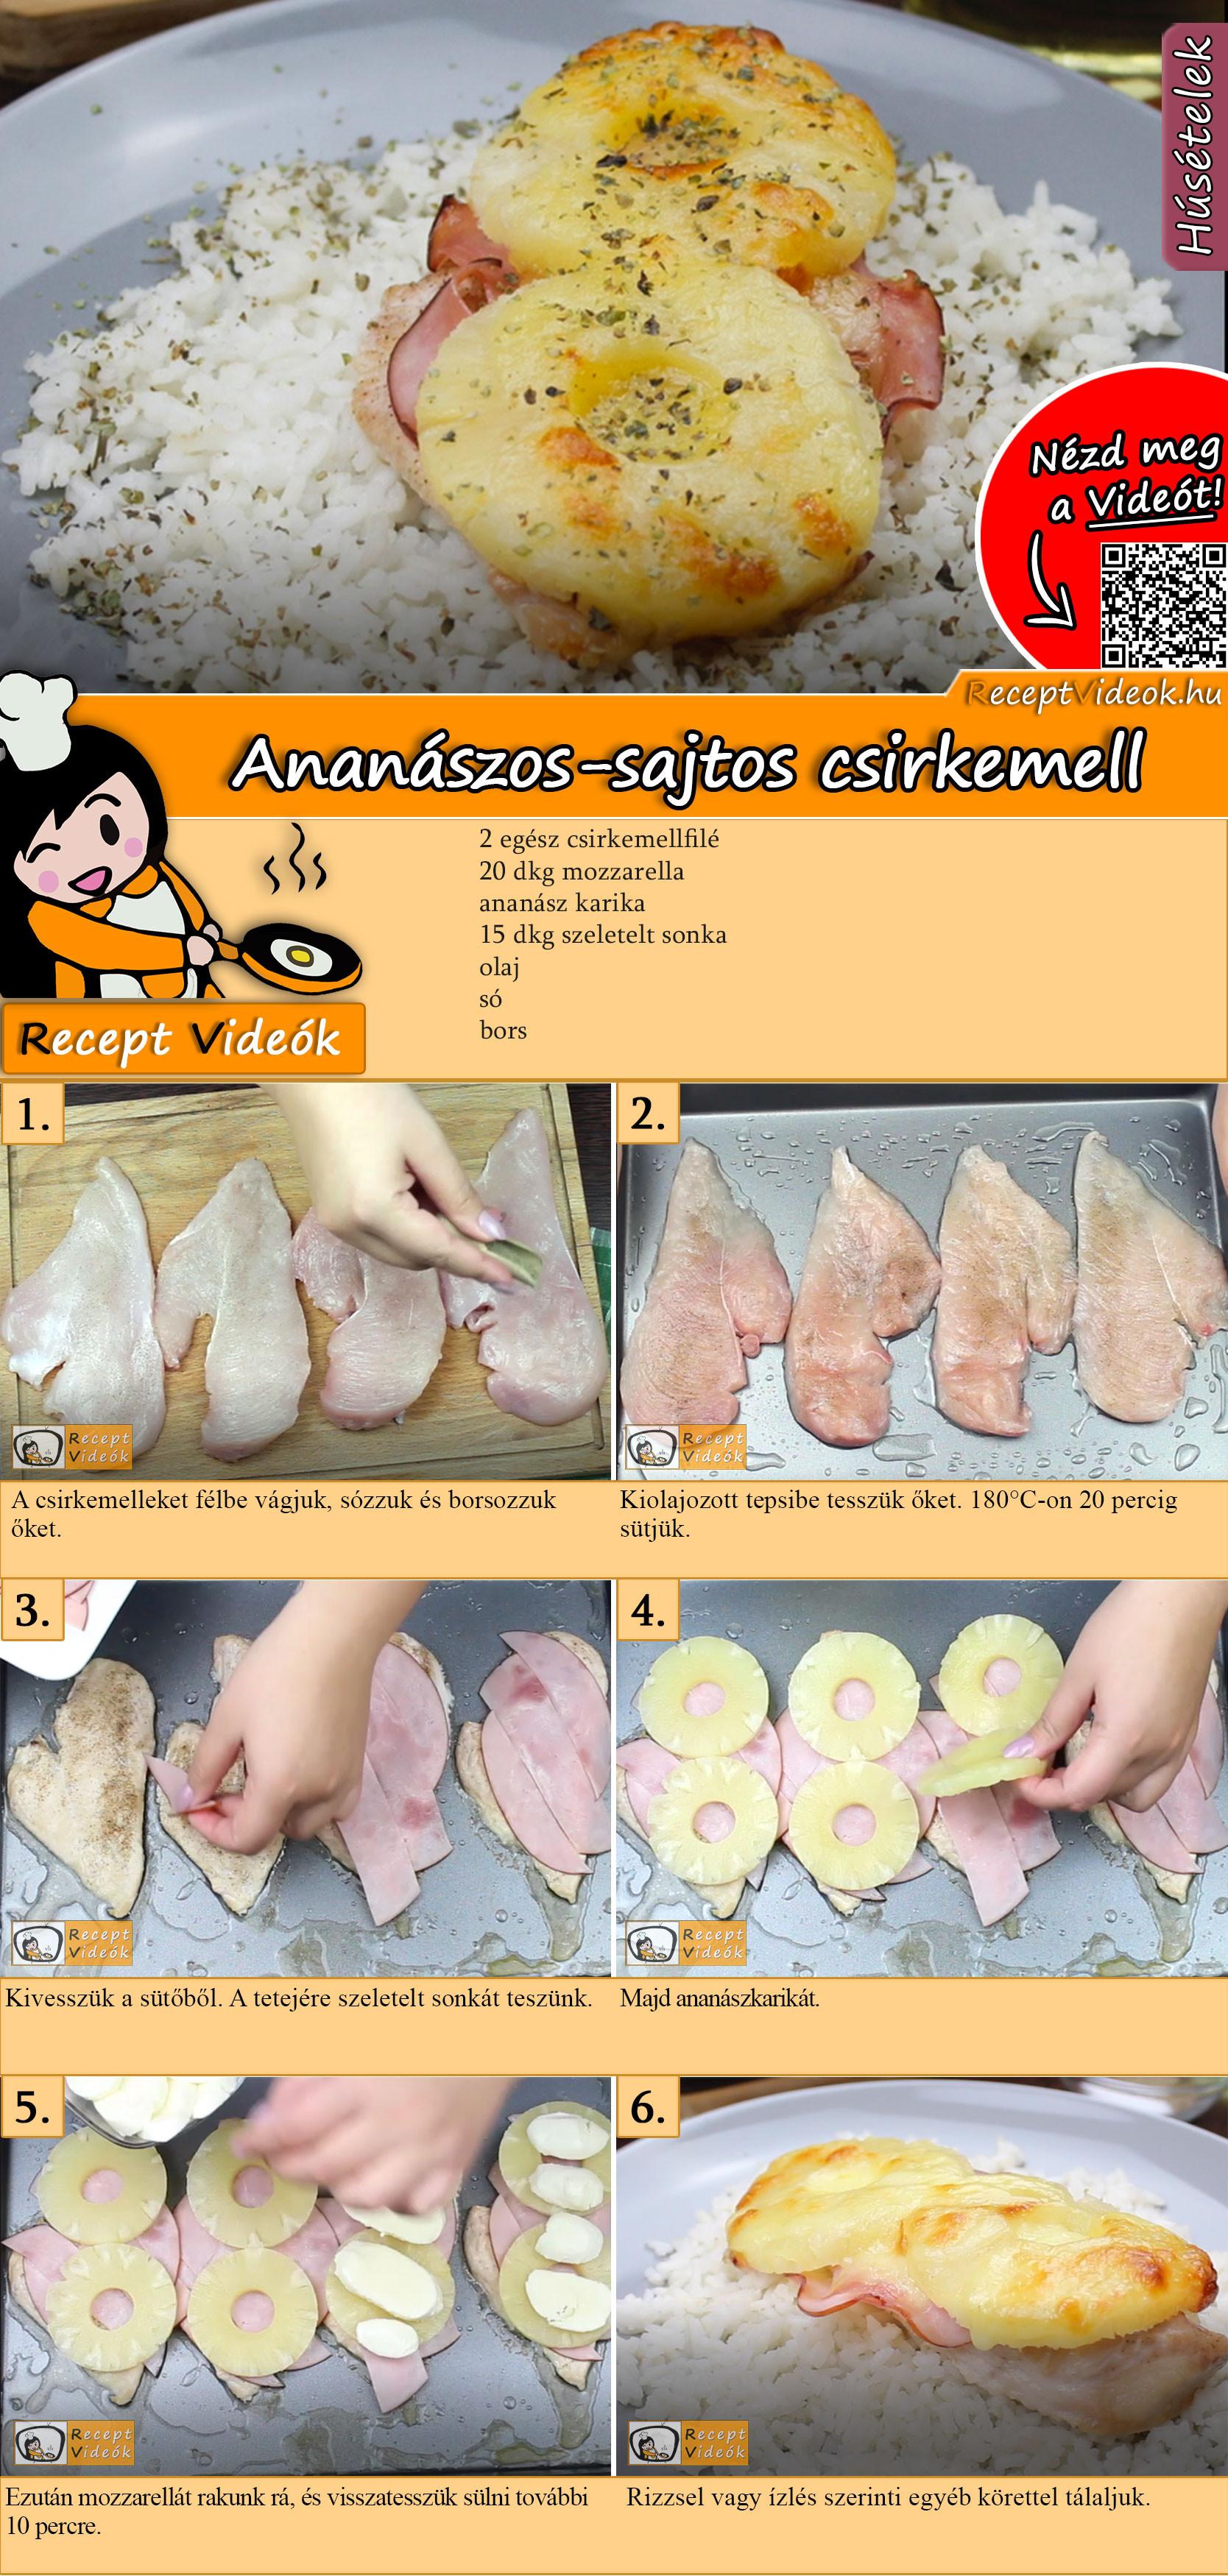 Ananászos-sajtos csirkemell recept elkészítése videóval